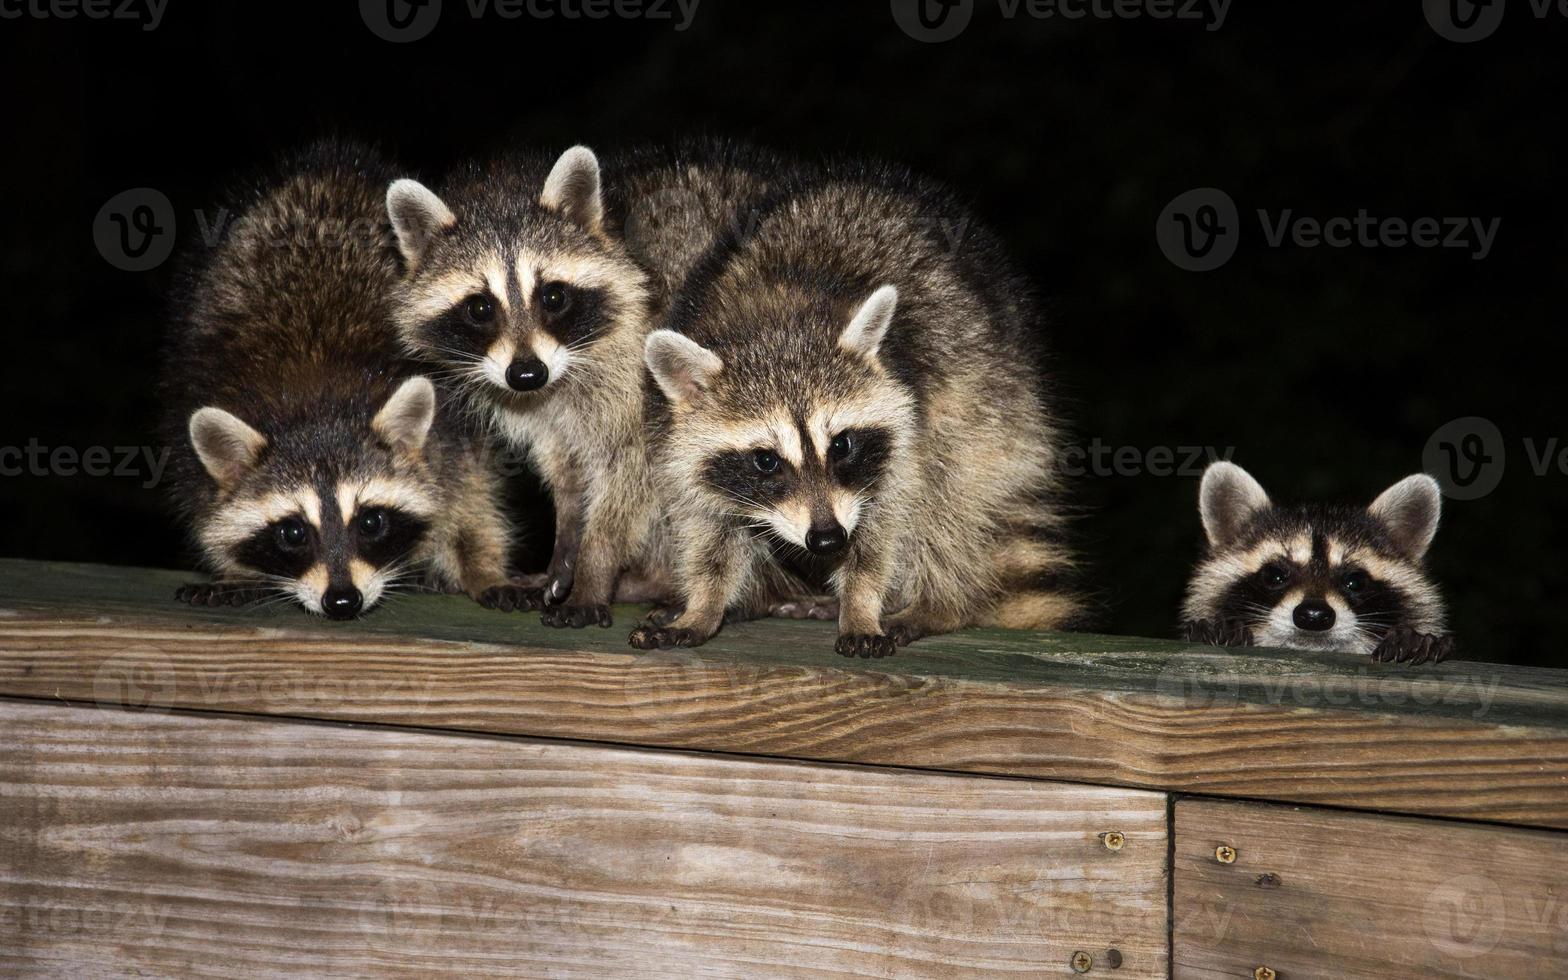 vier schattige baby wasberen op een reling foto